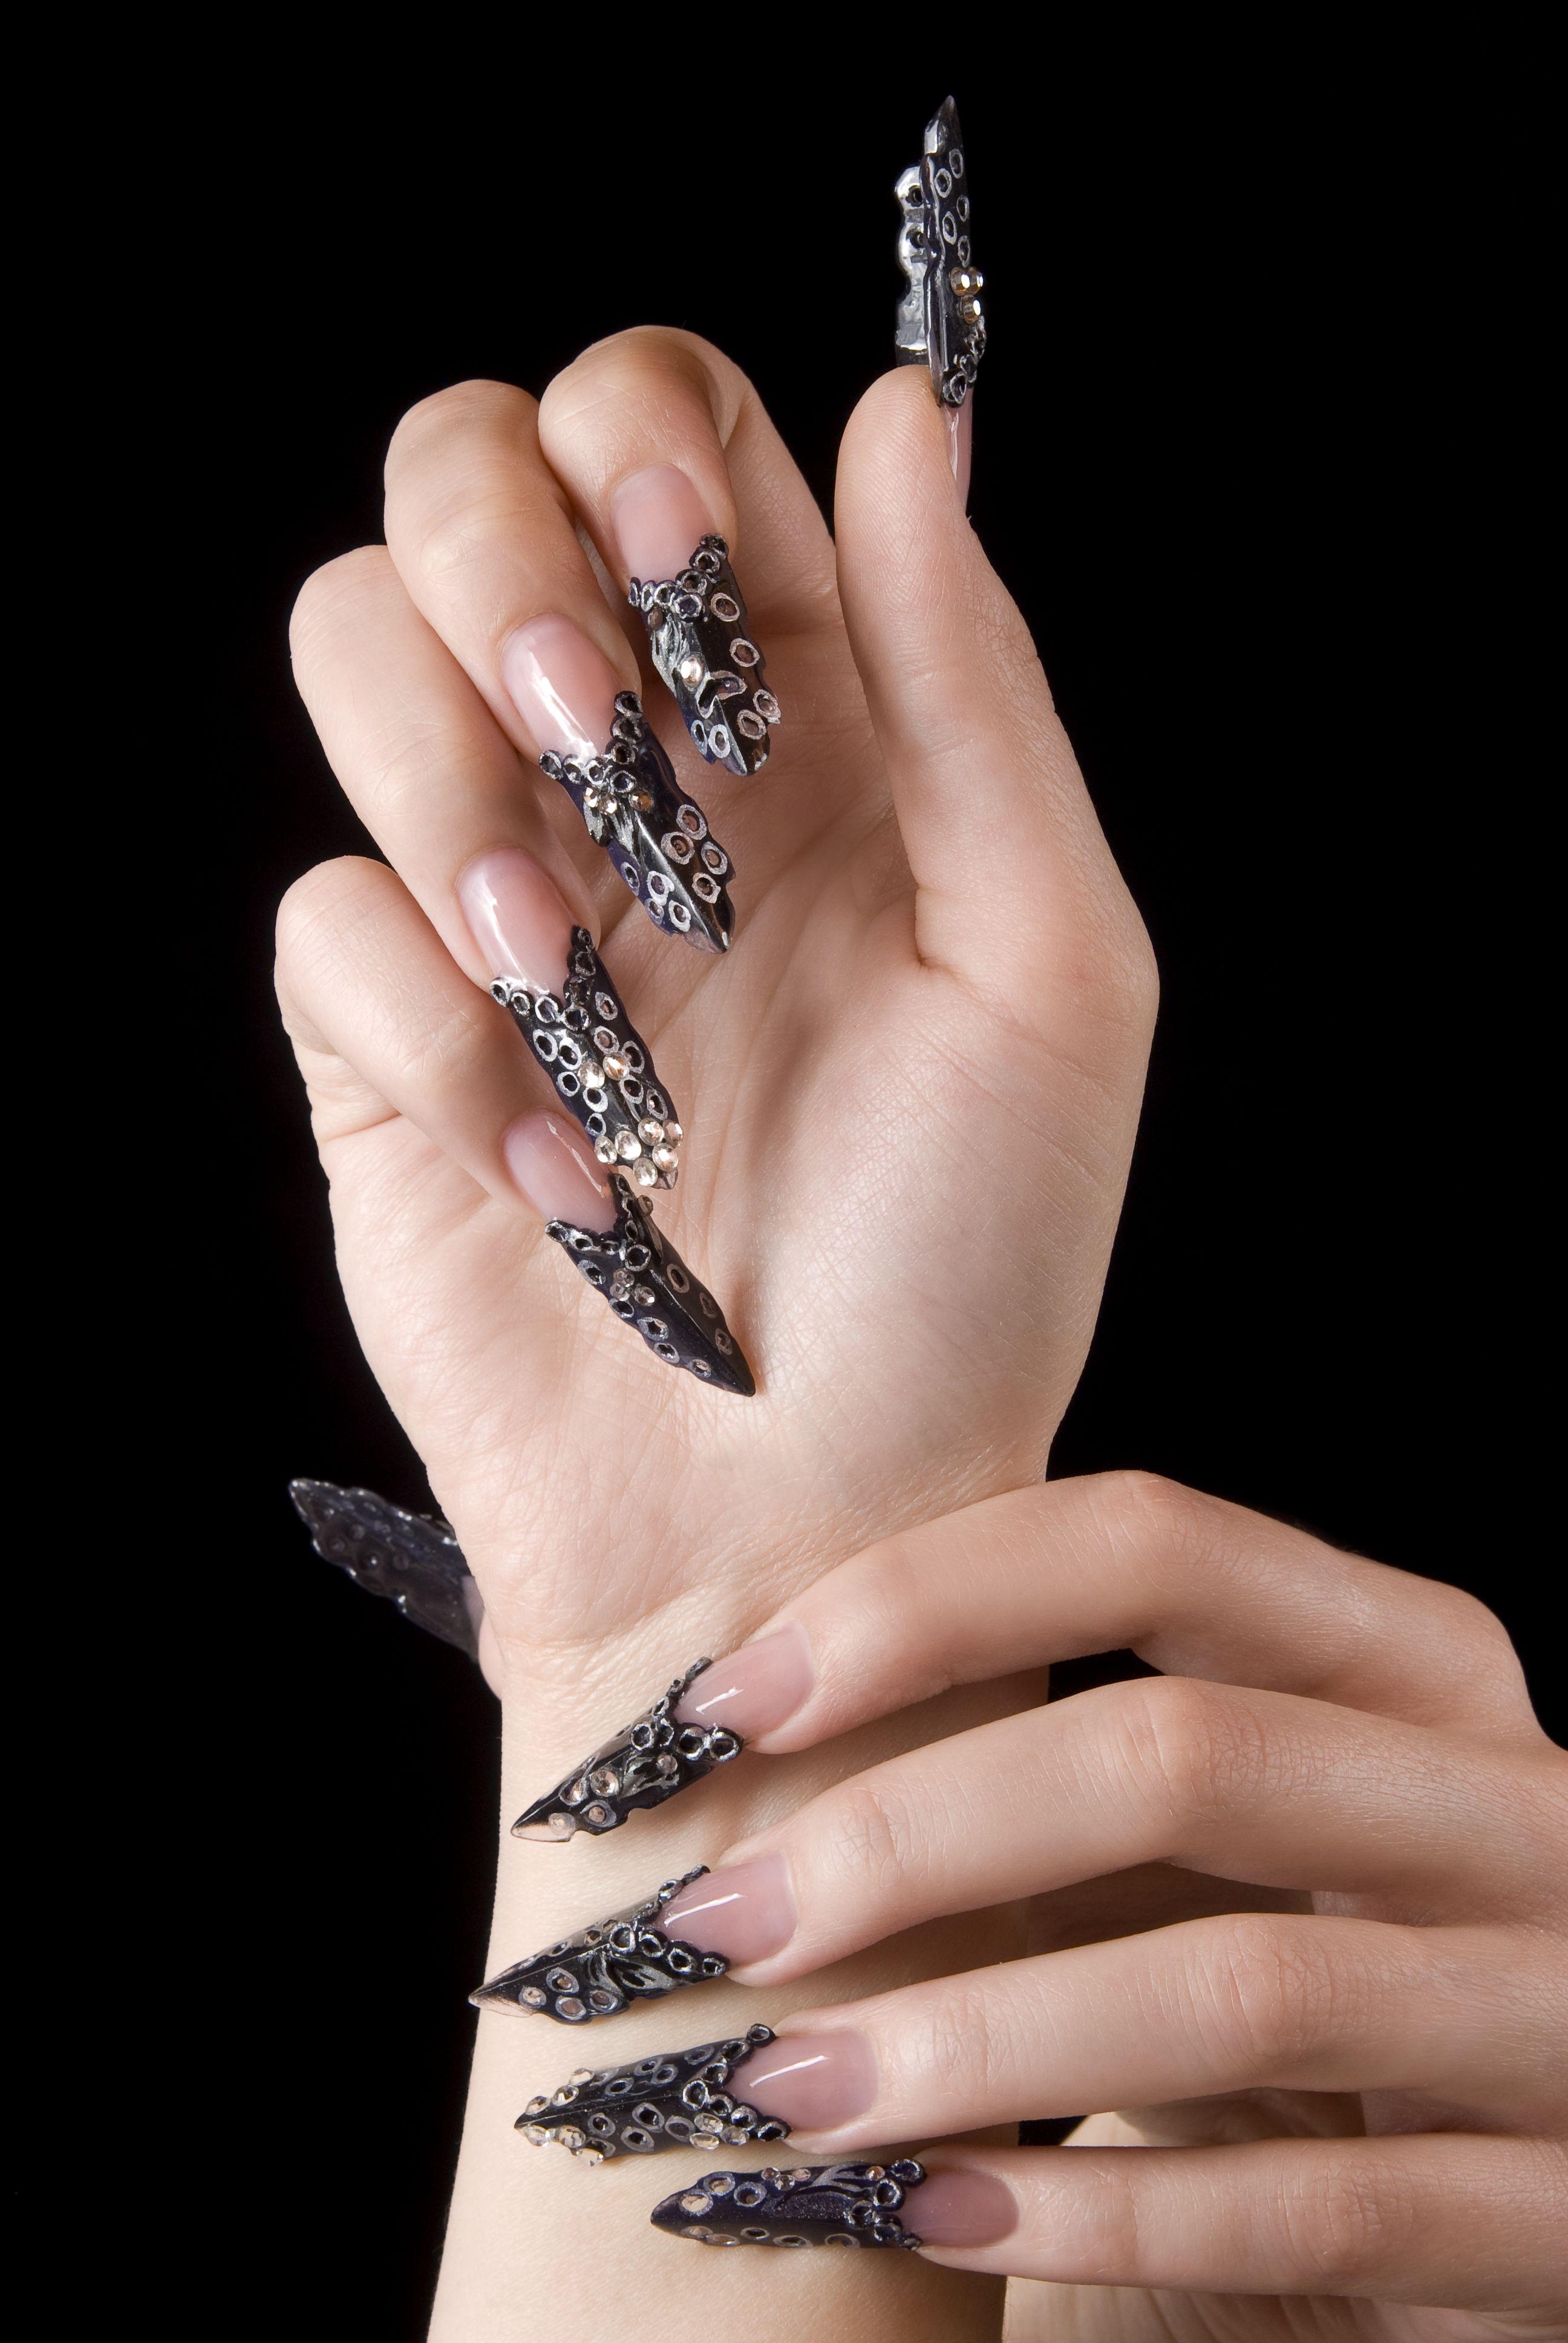 Entzückend Nägel Muster Foto Von #crystalnails #nägel #nagelstudio #nailart #muster #gelnägel #babyboomer